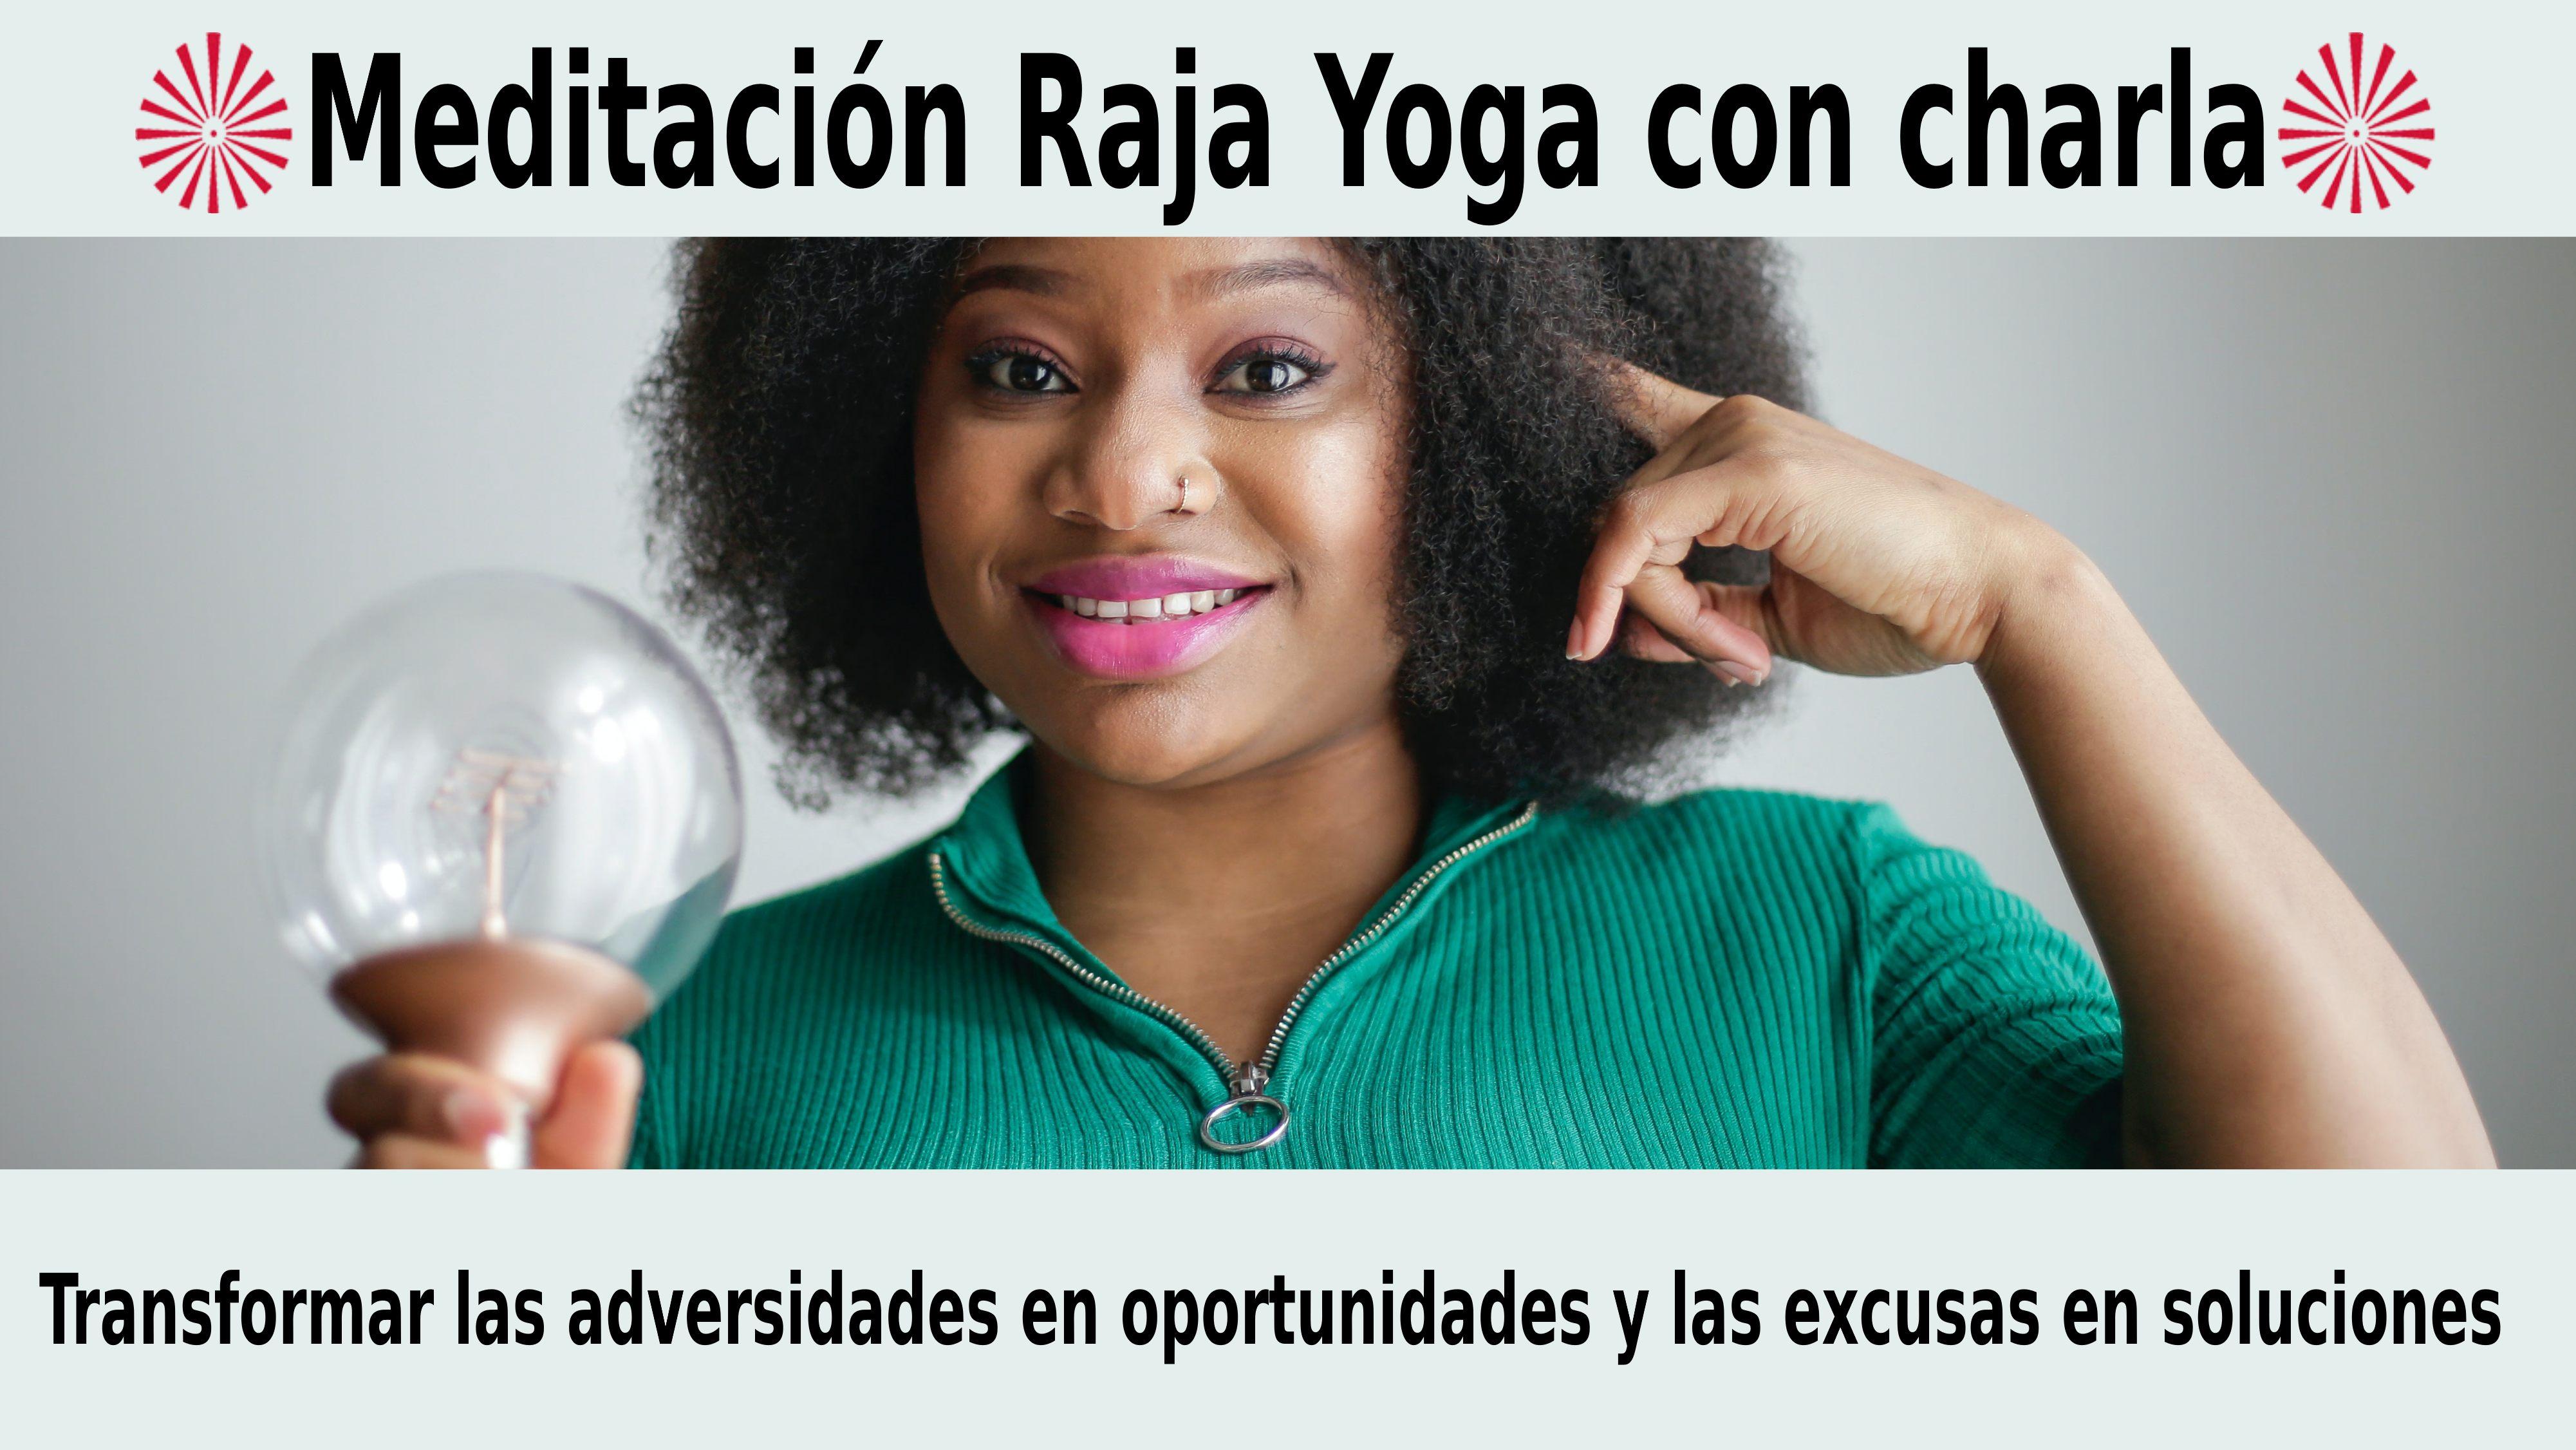 Meditación Raja Yoga con charla: Transformar las adversidades en oportunidades (23 Noviembre 2020) On-line desde Mallorca